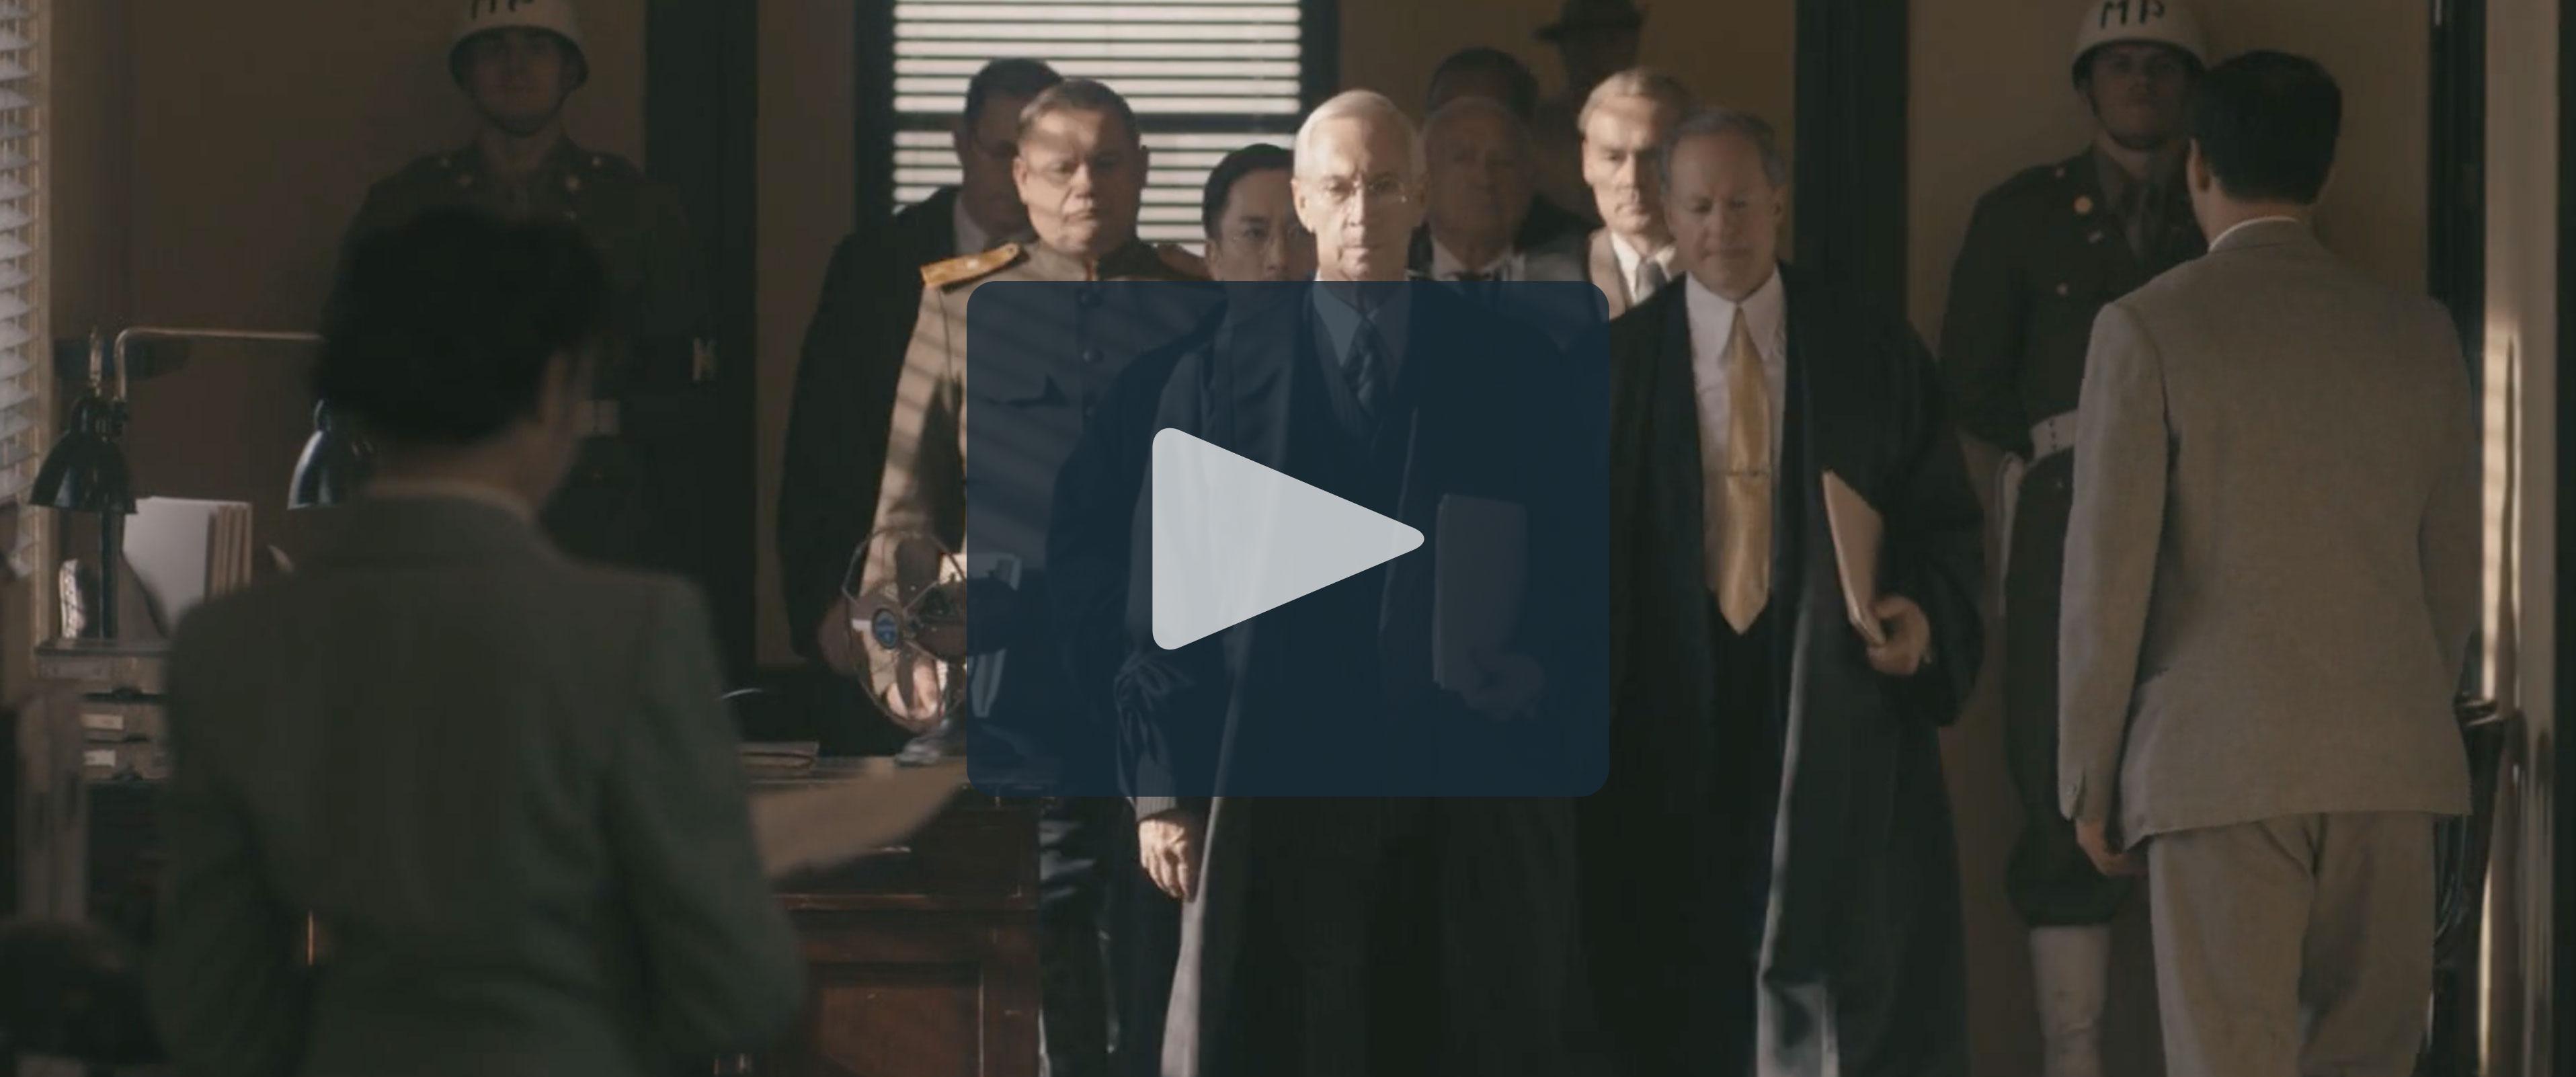 Tokyo Trial (2017) - Trailer